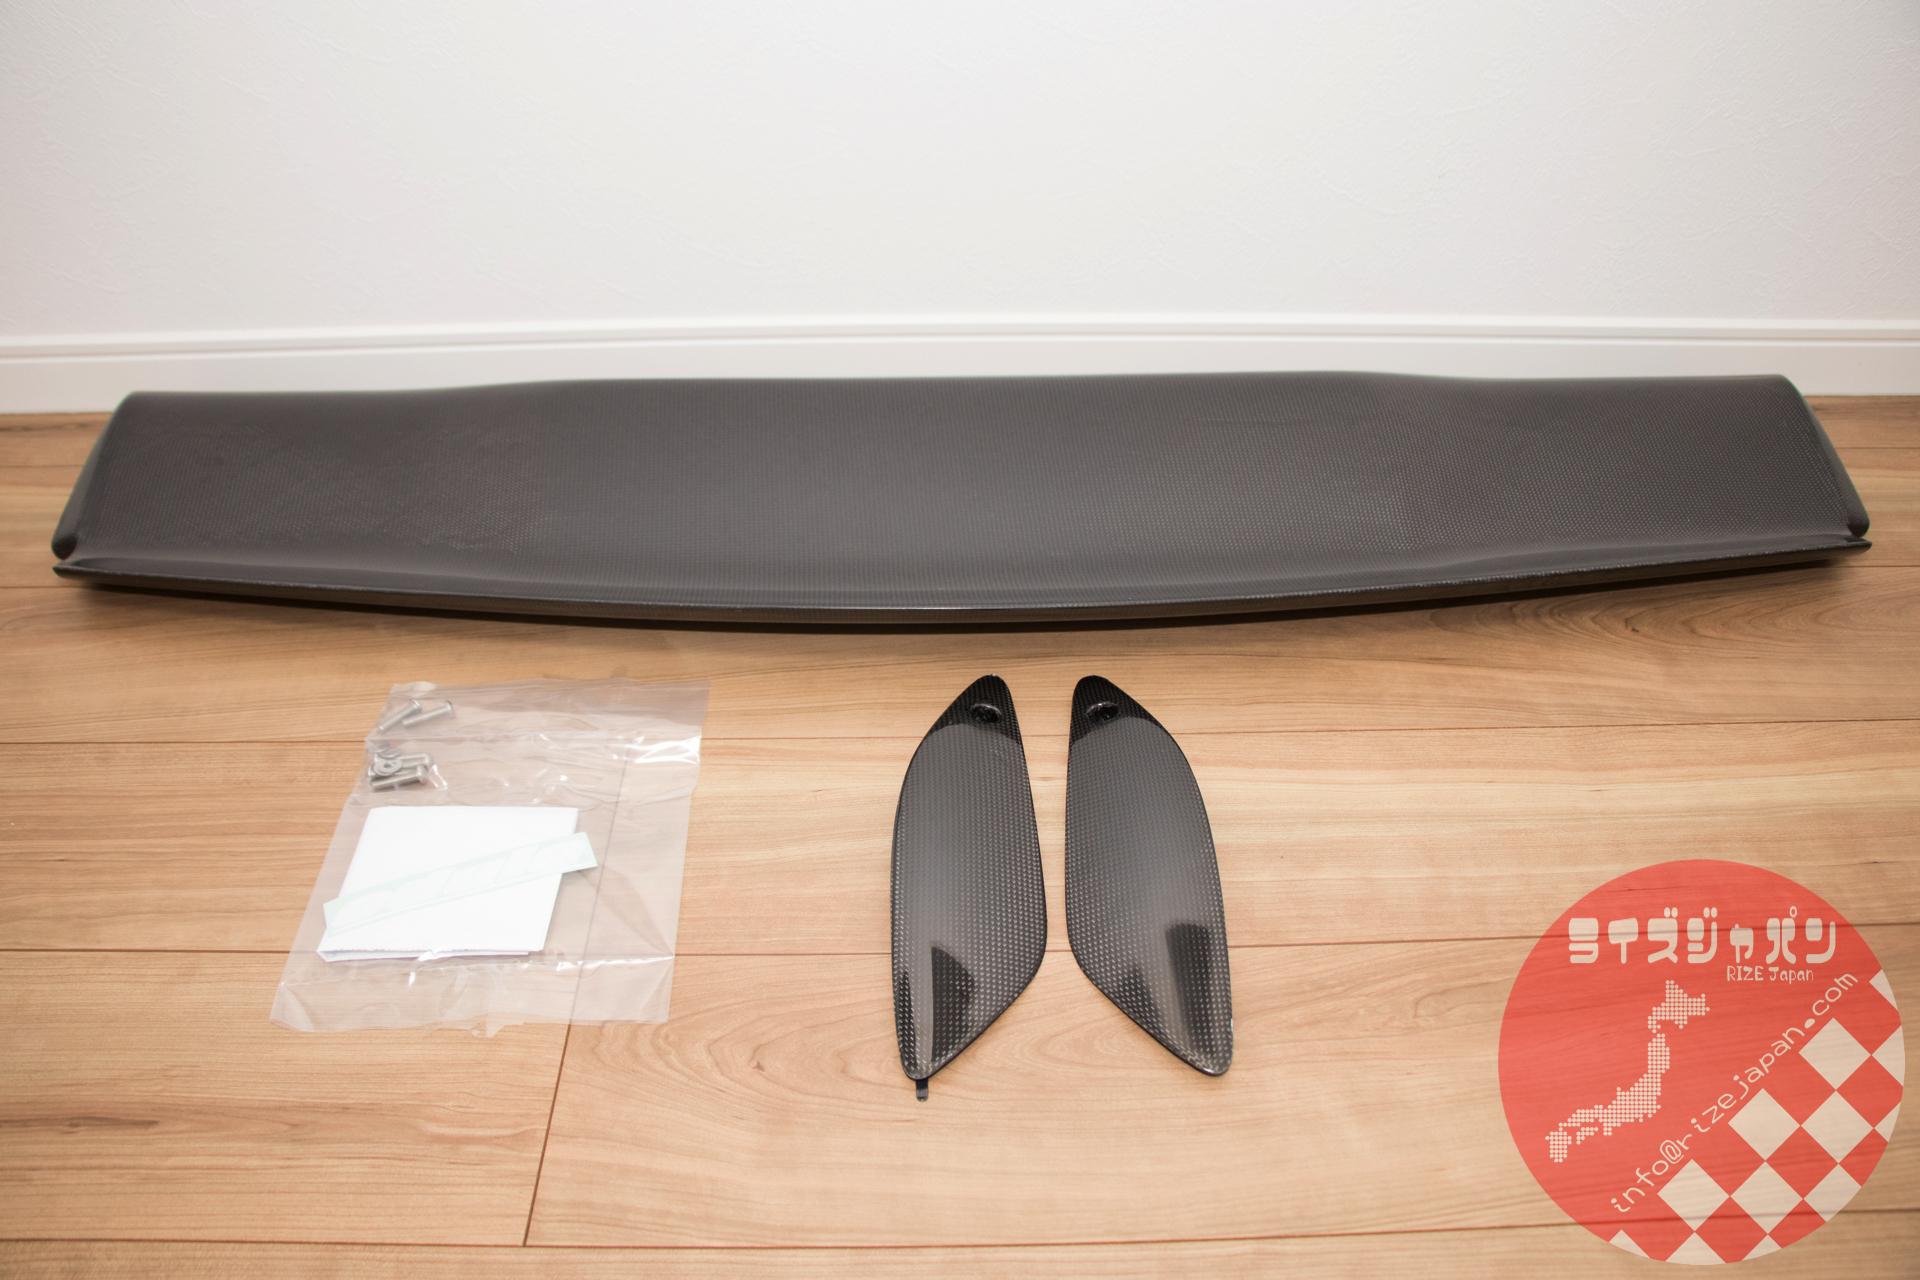 オデューラ カーボン ウイング&サイドパネル / Odura Carbon Wing and Side Panel set